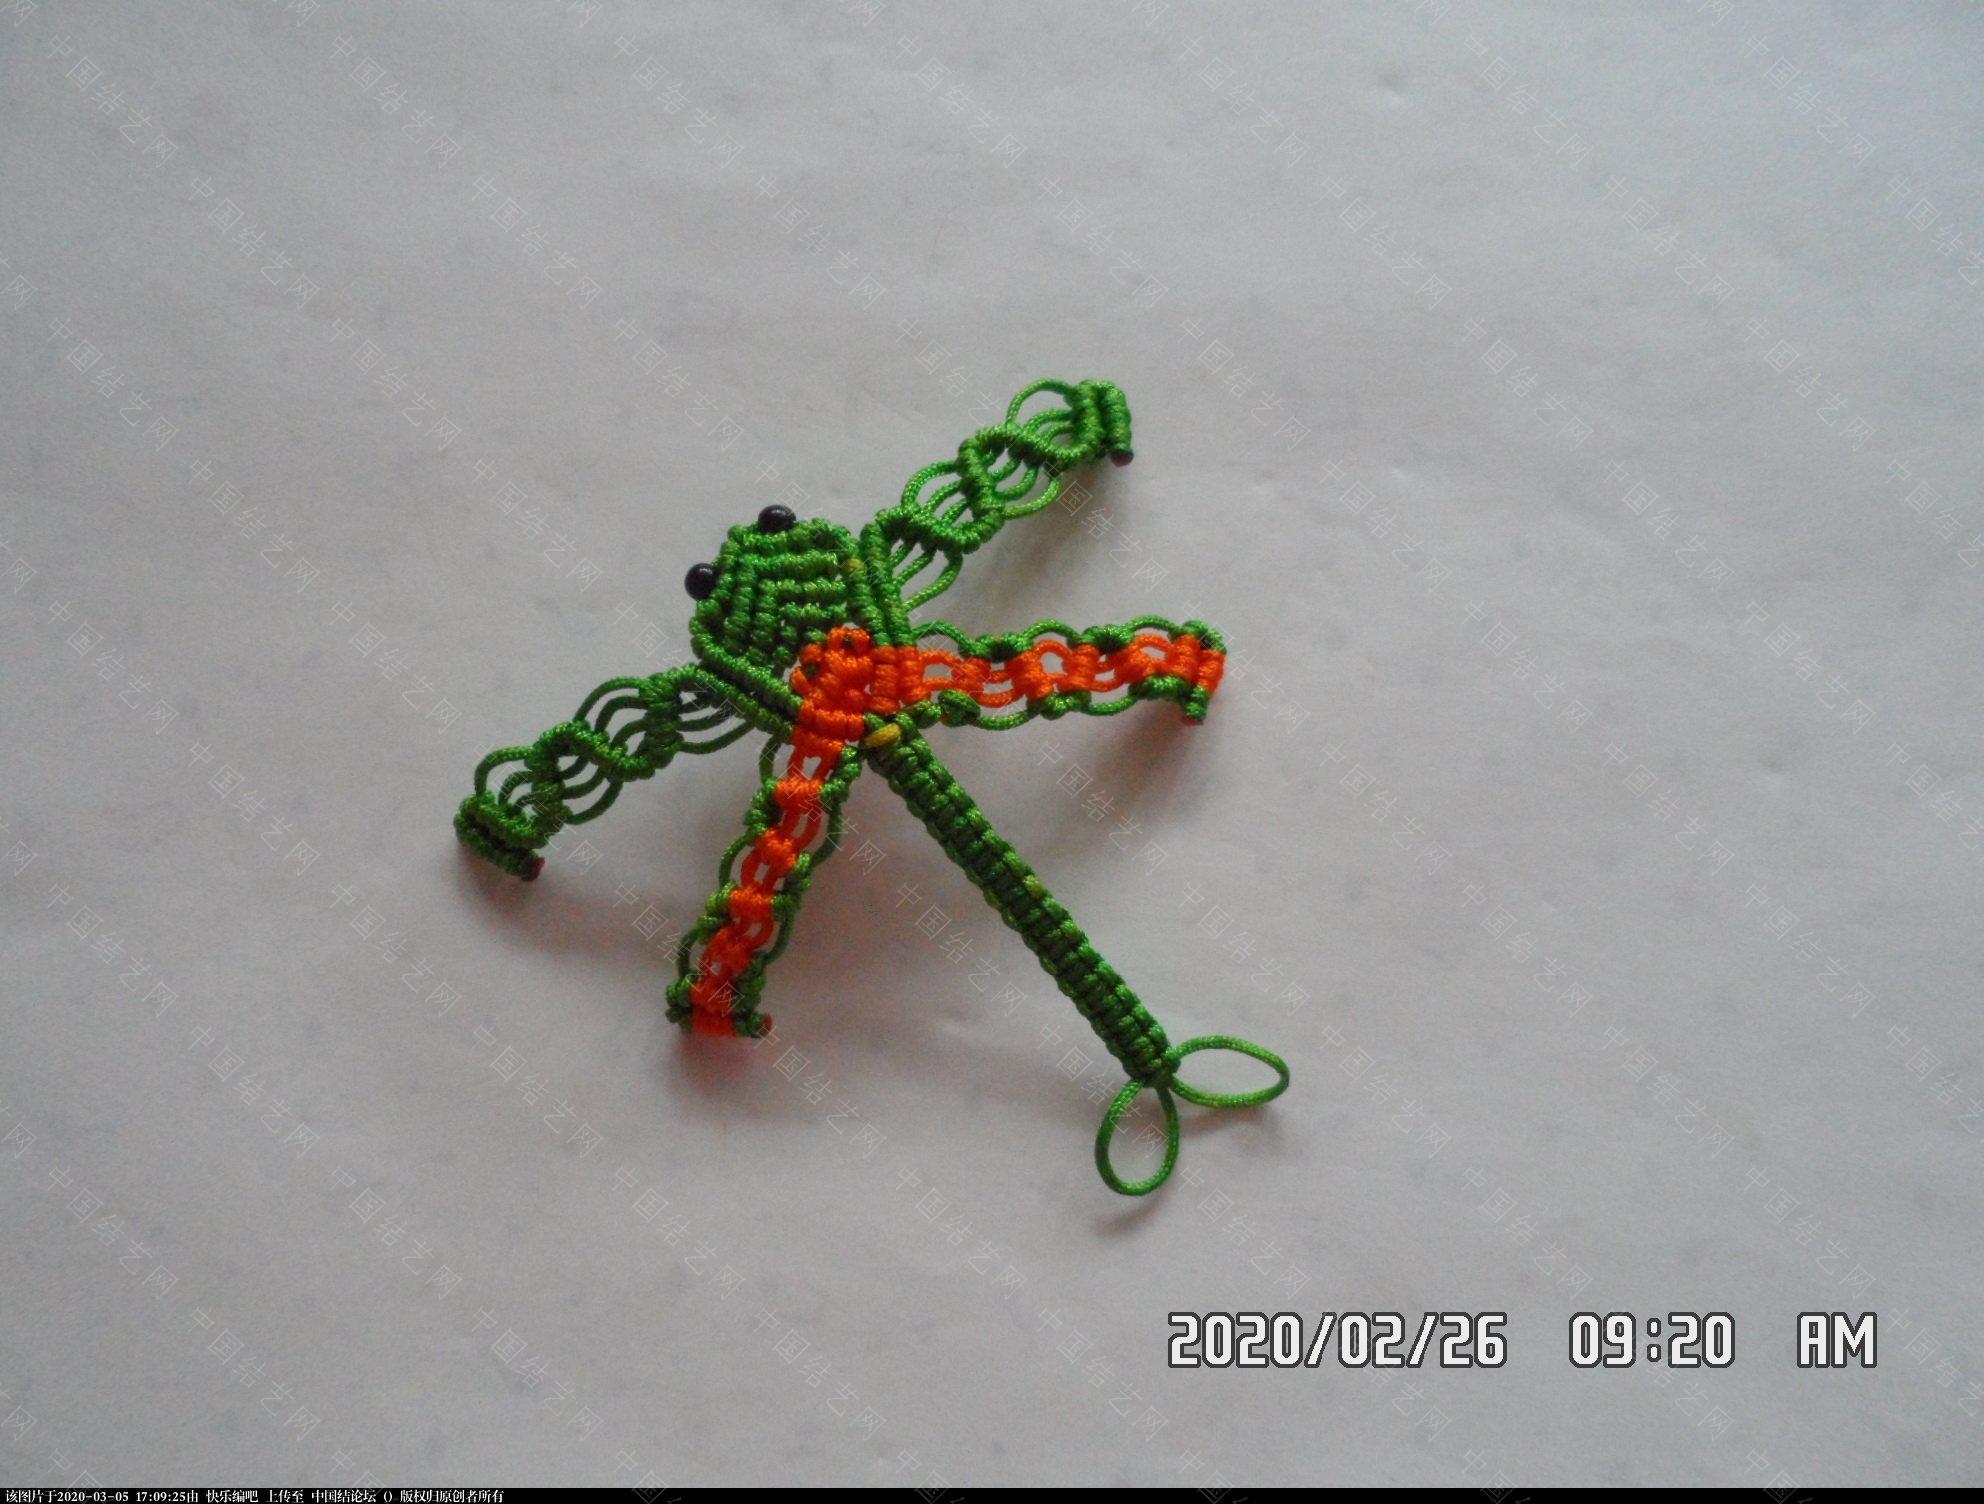 中国结论坛 一款蜻蜓书签的编法 —— 四种基本结组合练习 教程,最好的,珠子,方便,书中 图文教程区 142934ph4pzf19zhz3a93d